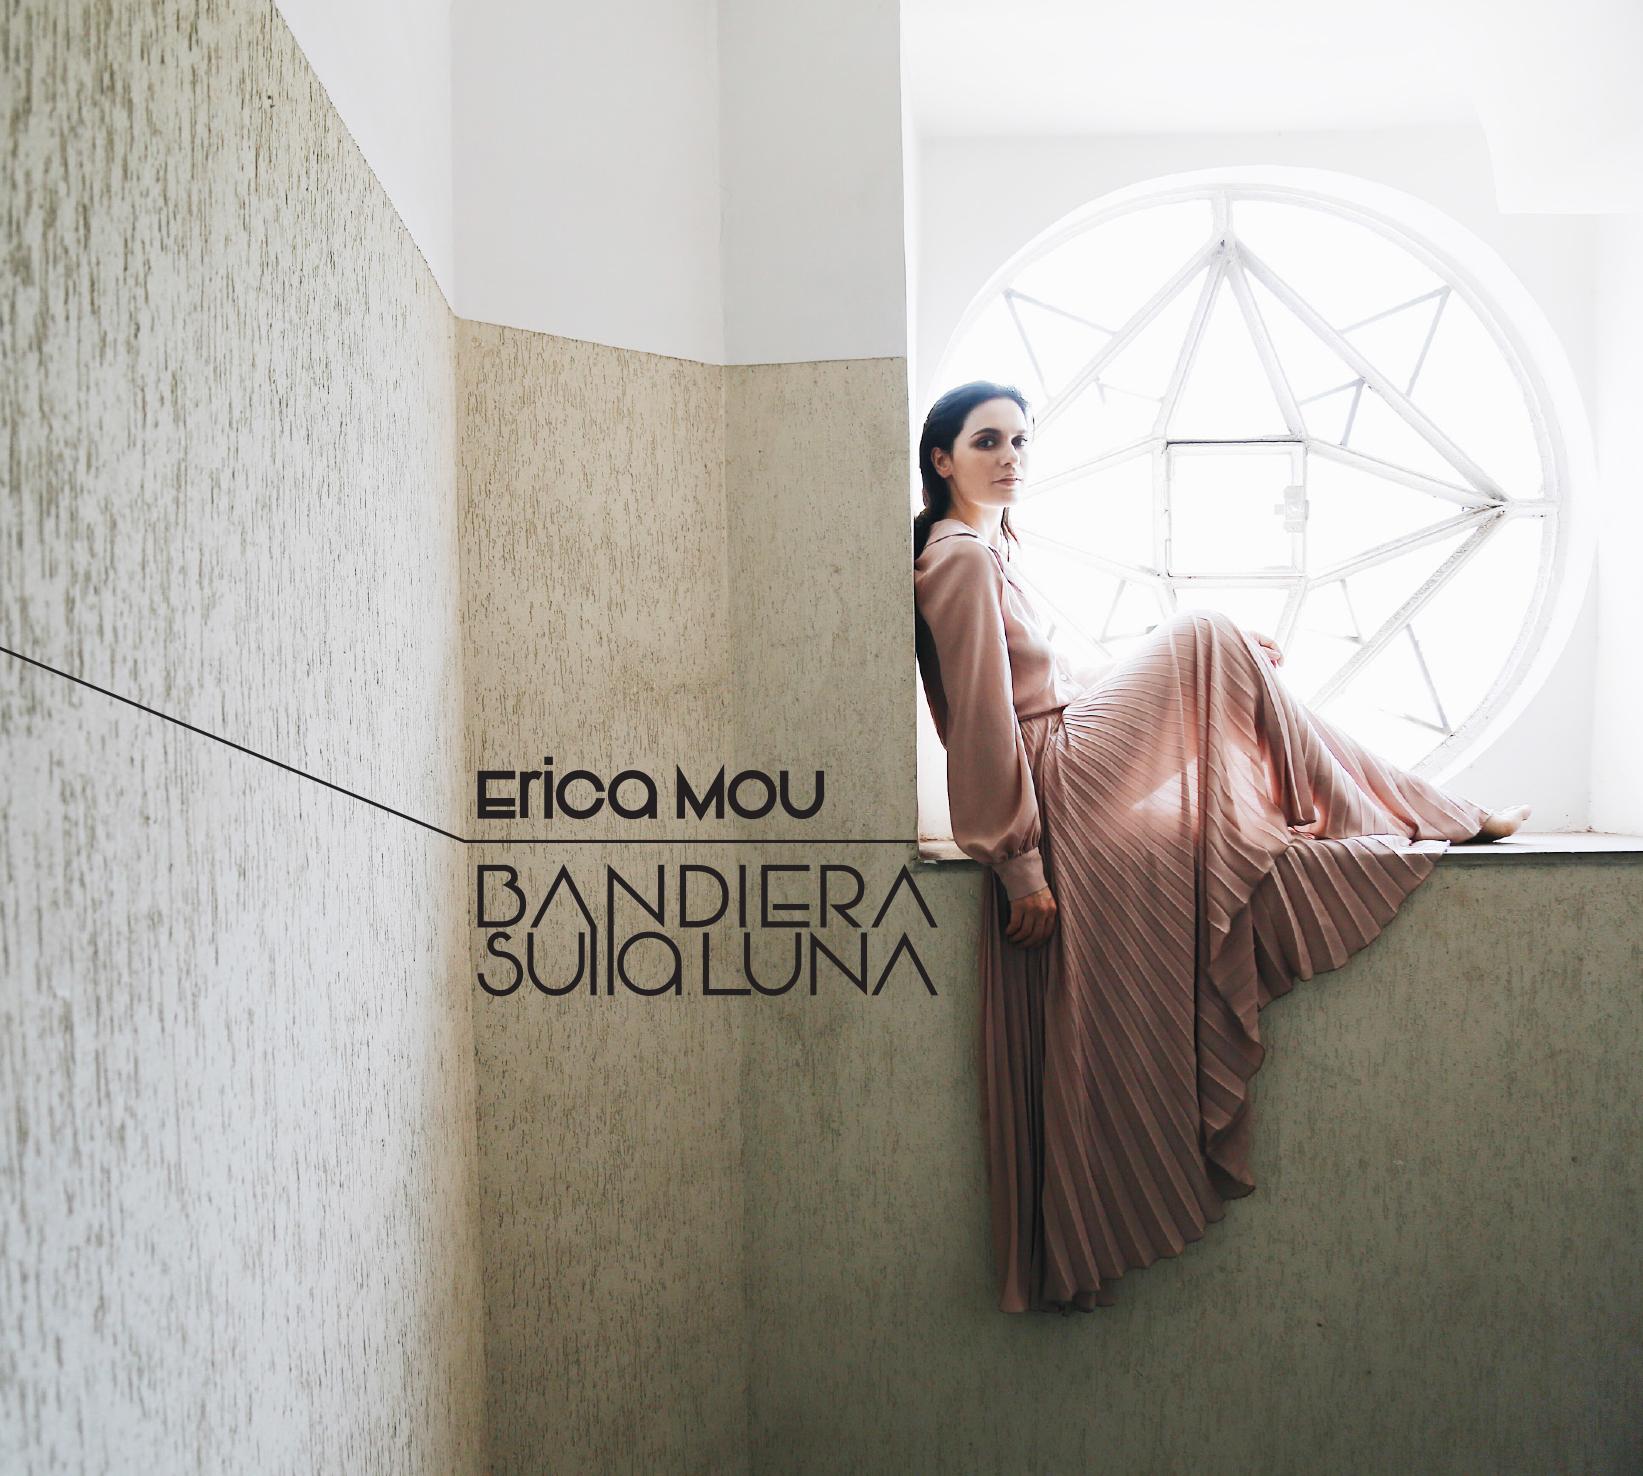 """La """"Bandiera sulla Luna"""" di Erica Mou parte da Officina Musicale"""